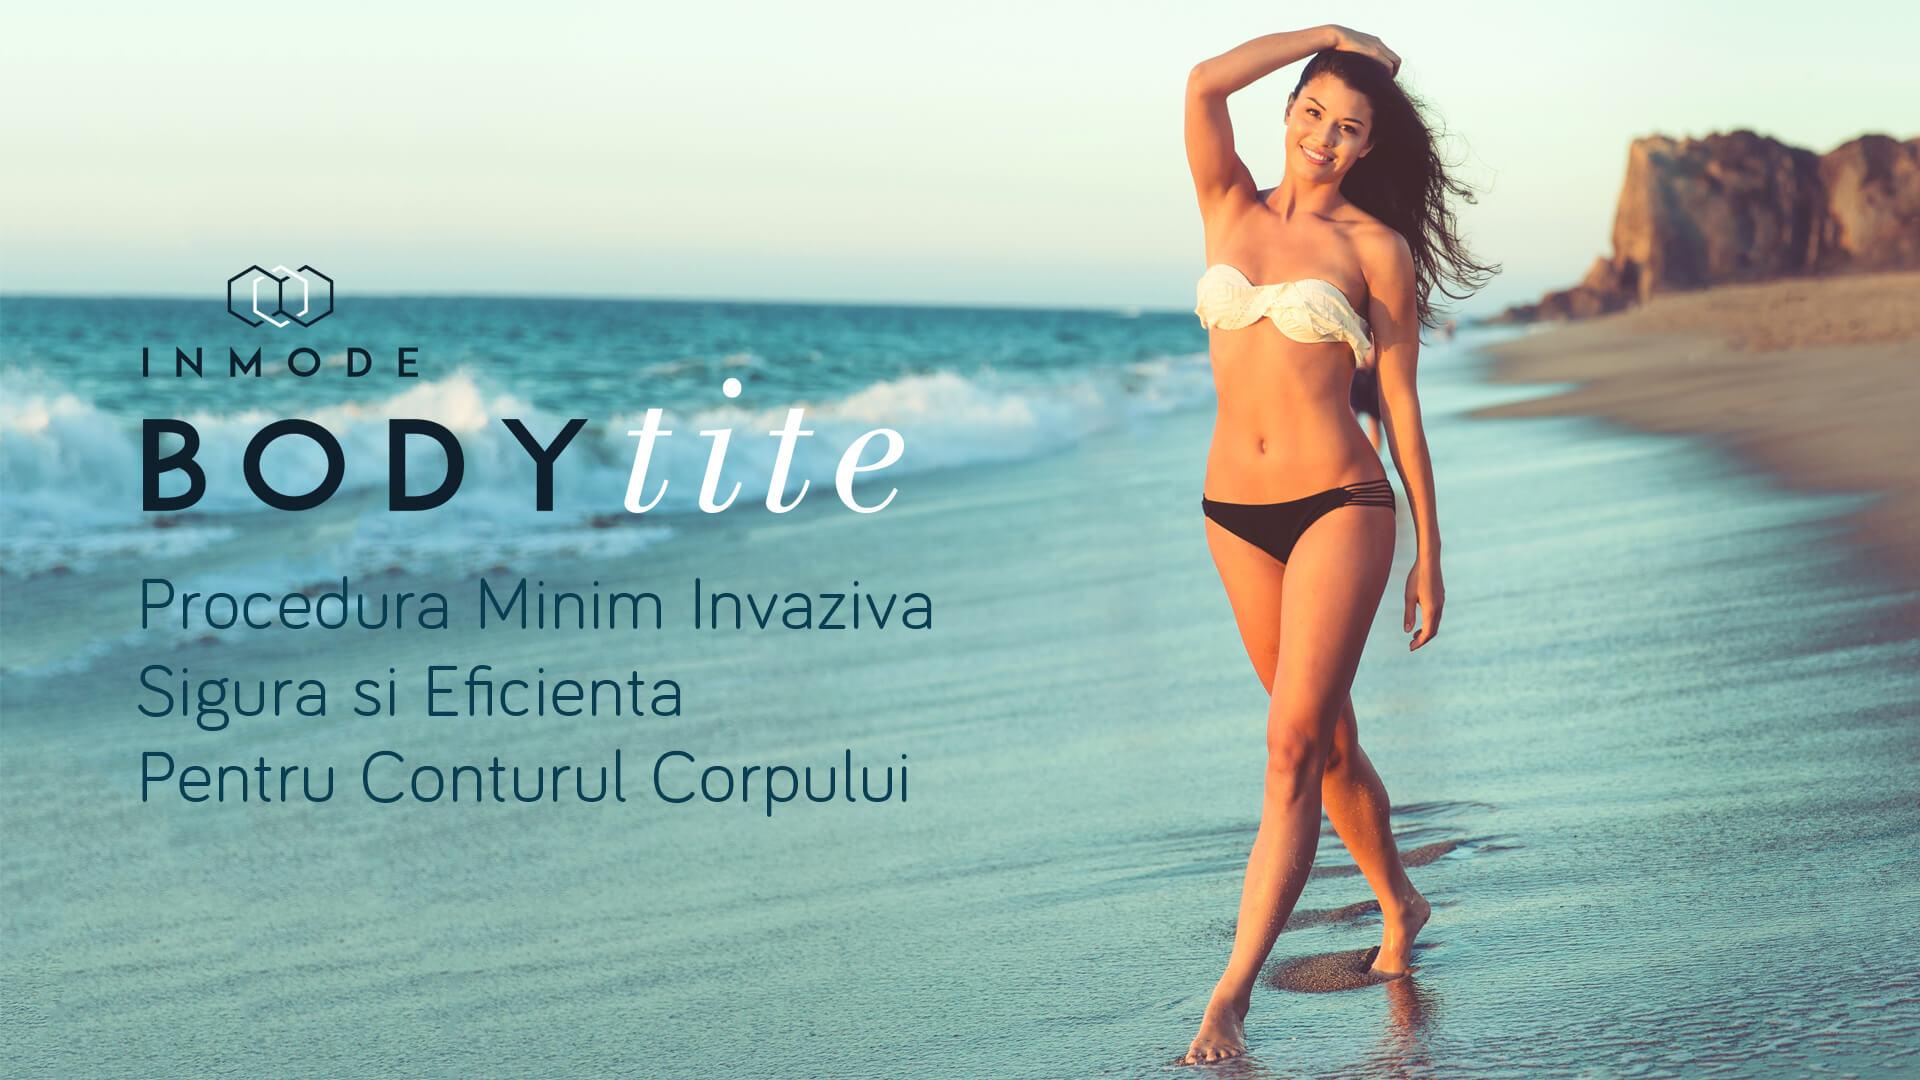 InMode Body Tite este un aparat pentru clinici estetice si medici plasticieni